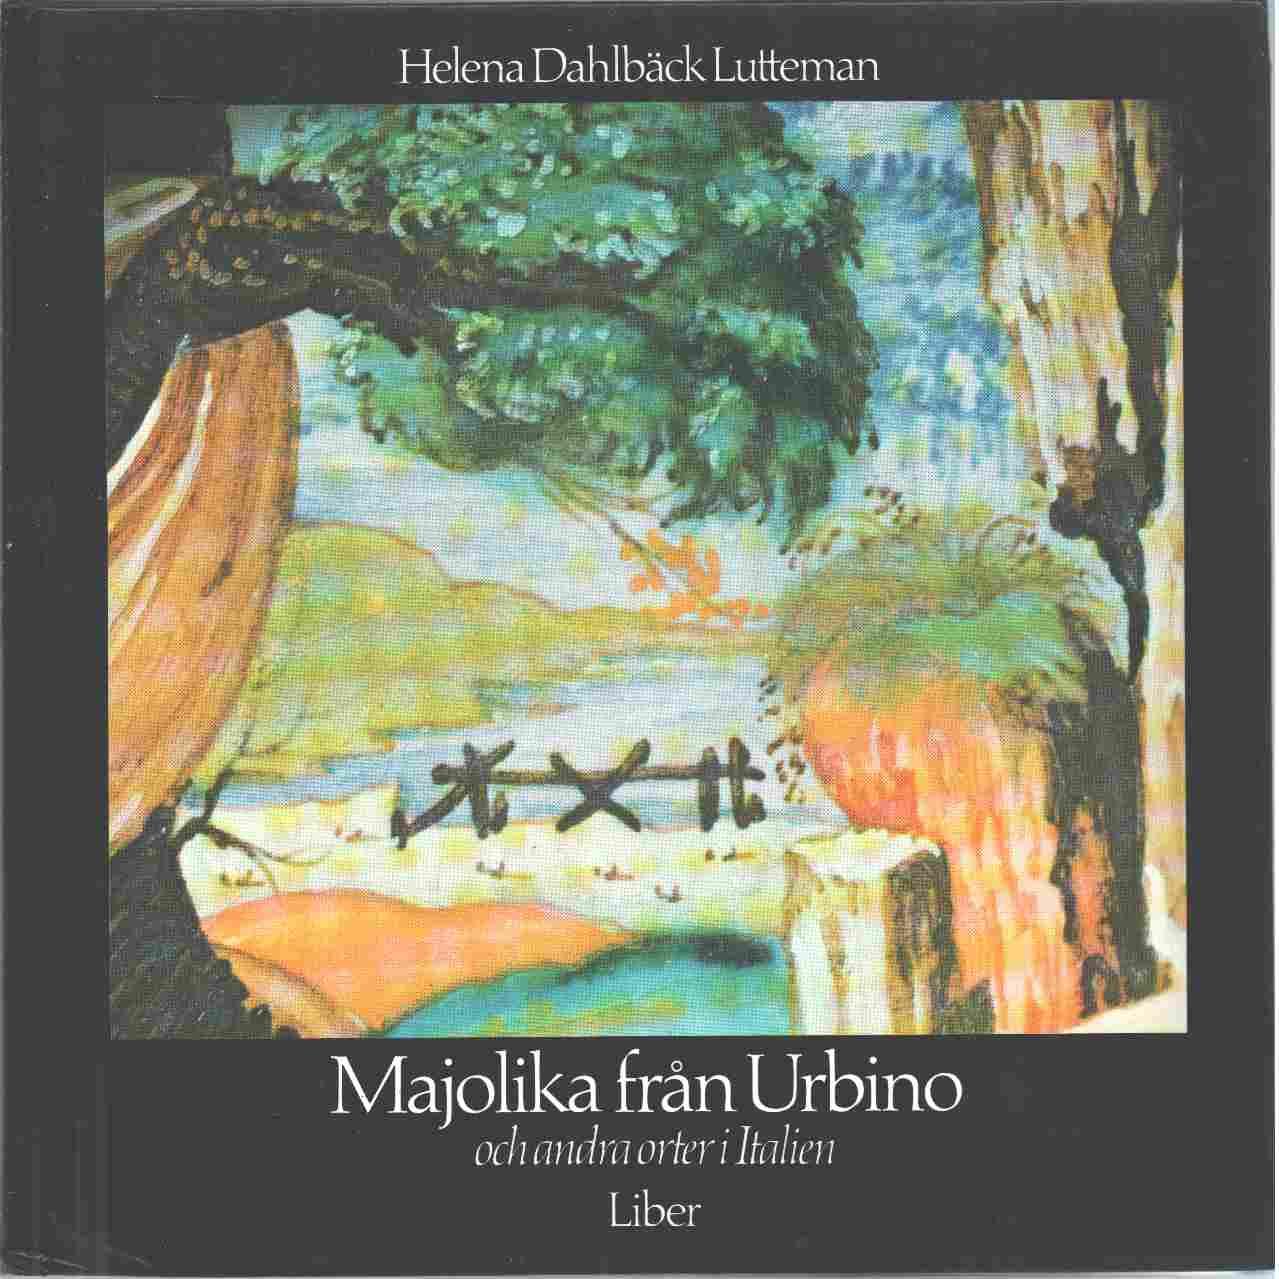 Majolika från Urbino och andra orter i Italien i Nationalmuseum, Stockholm - Dahlbäck Lutteman, Helena